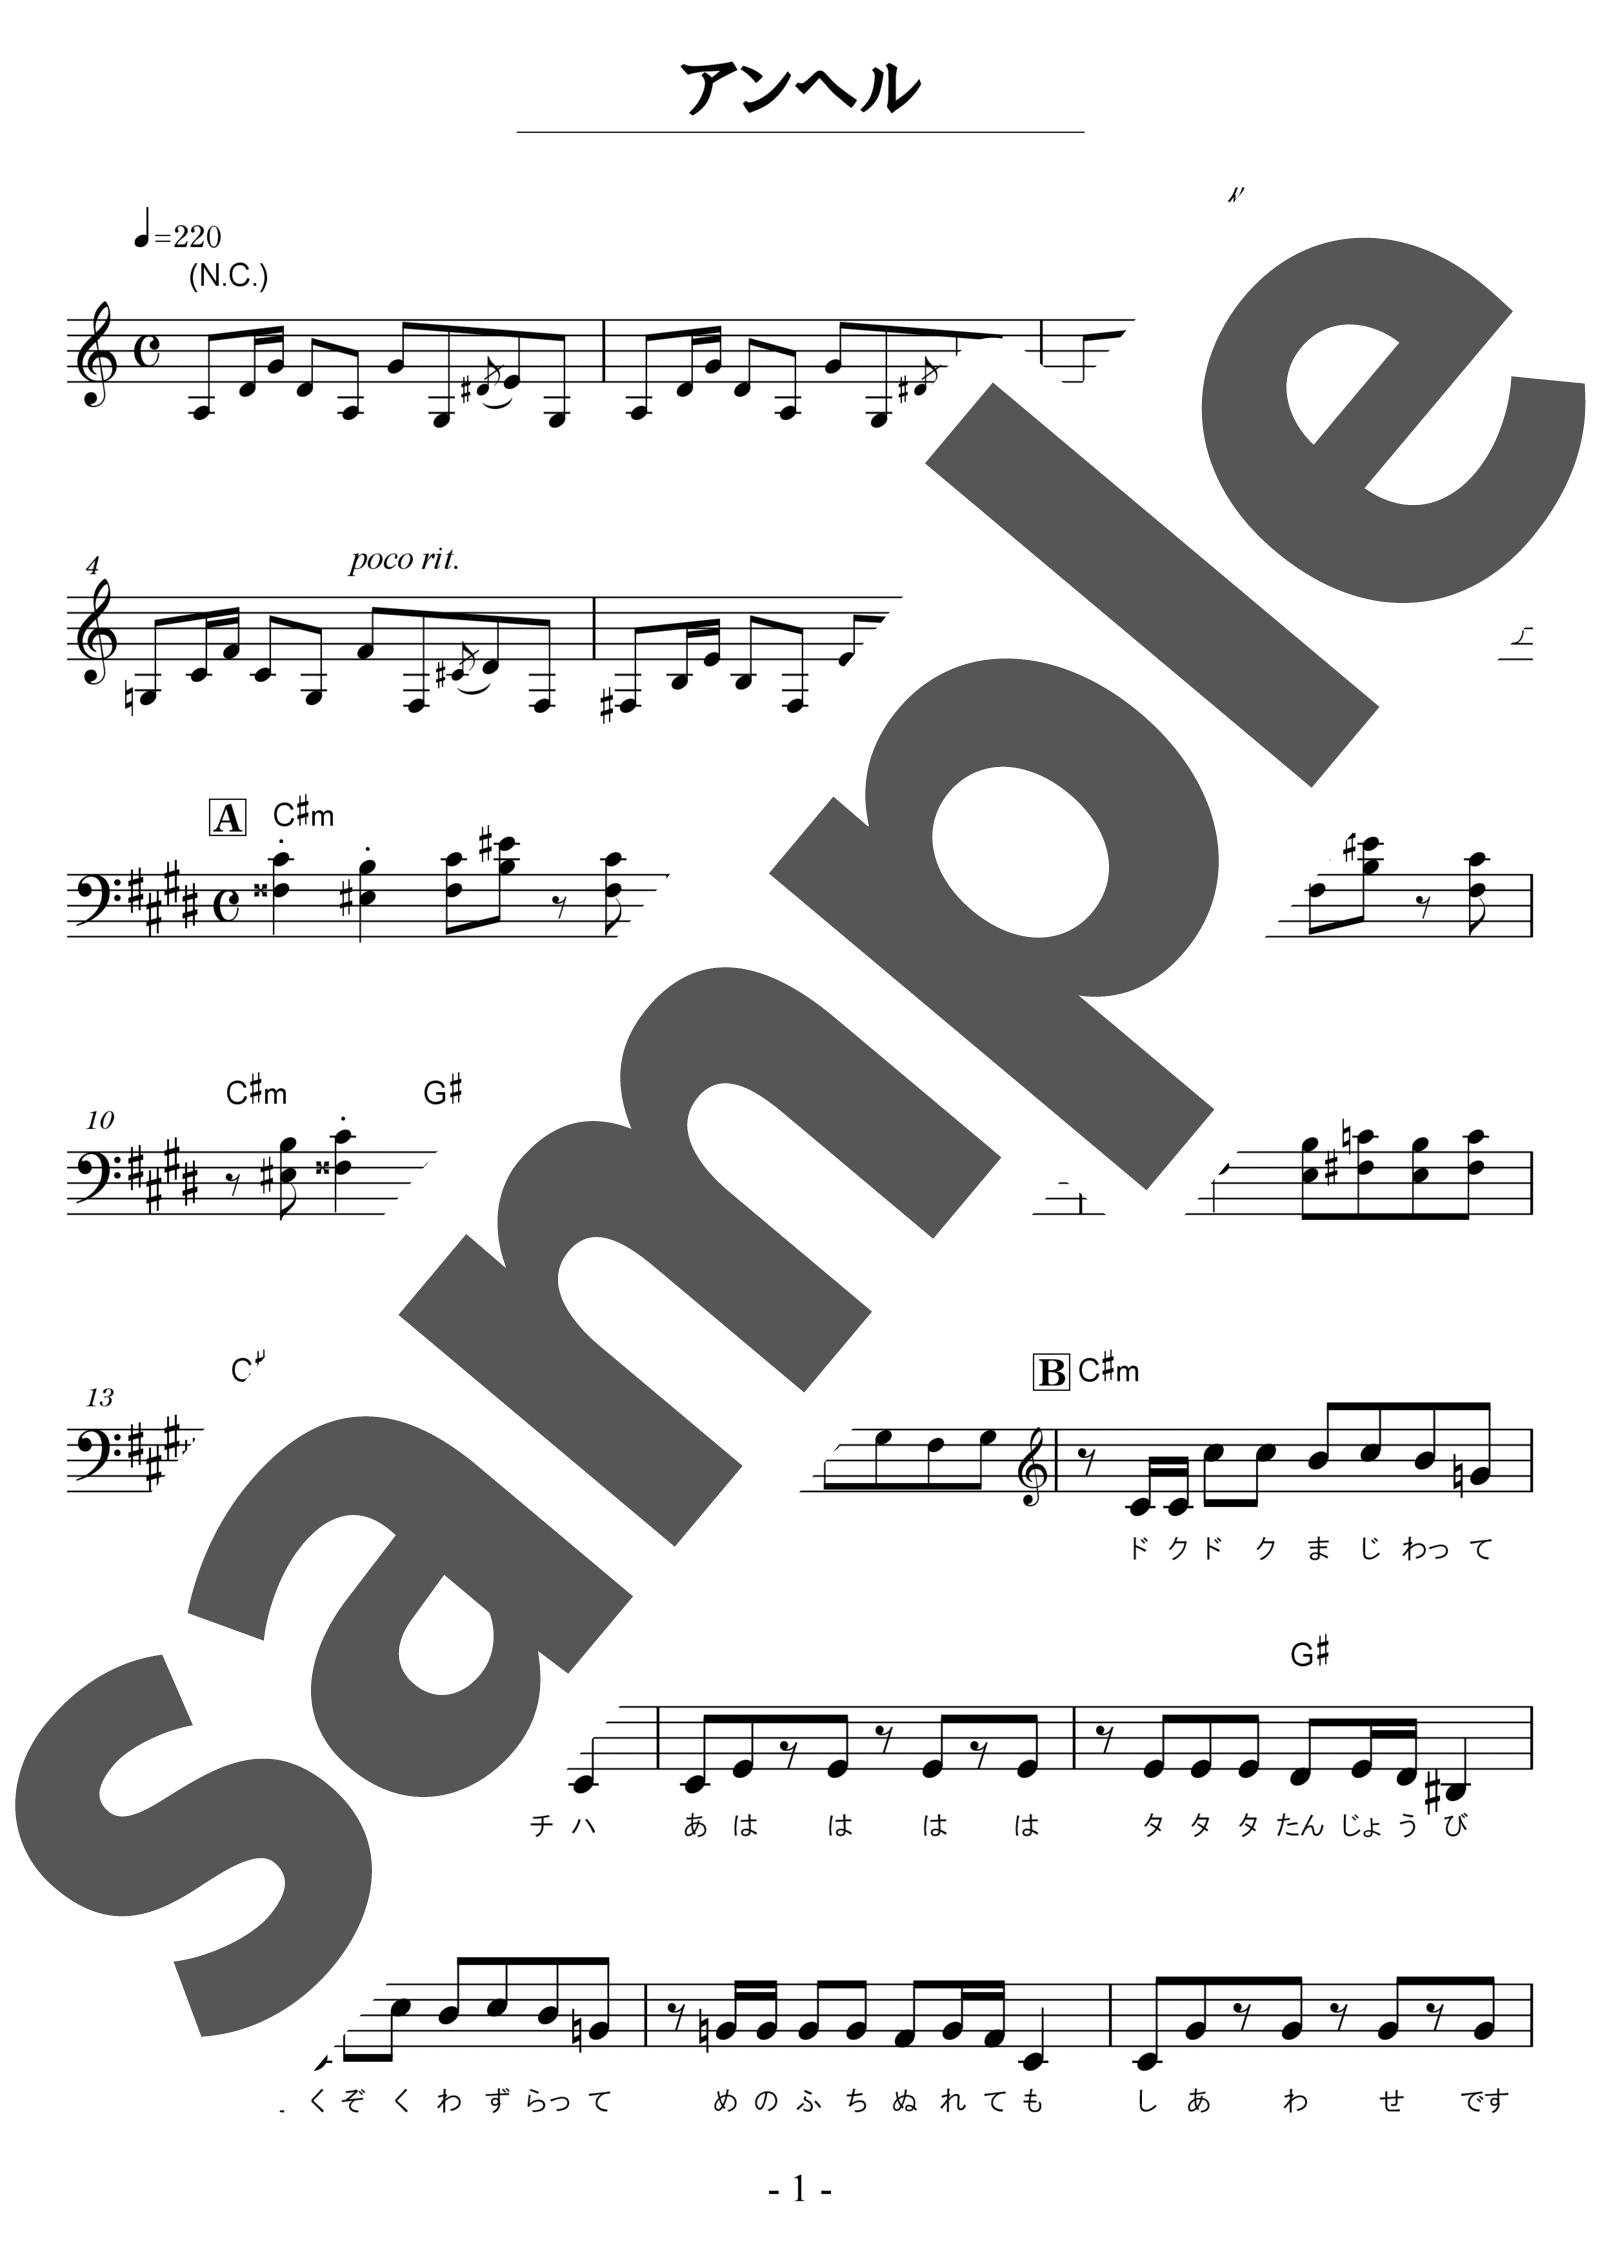 「アンヘル」のサンプル楽譜